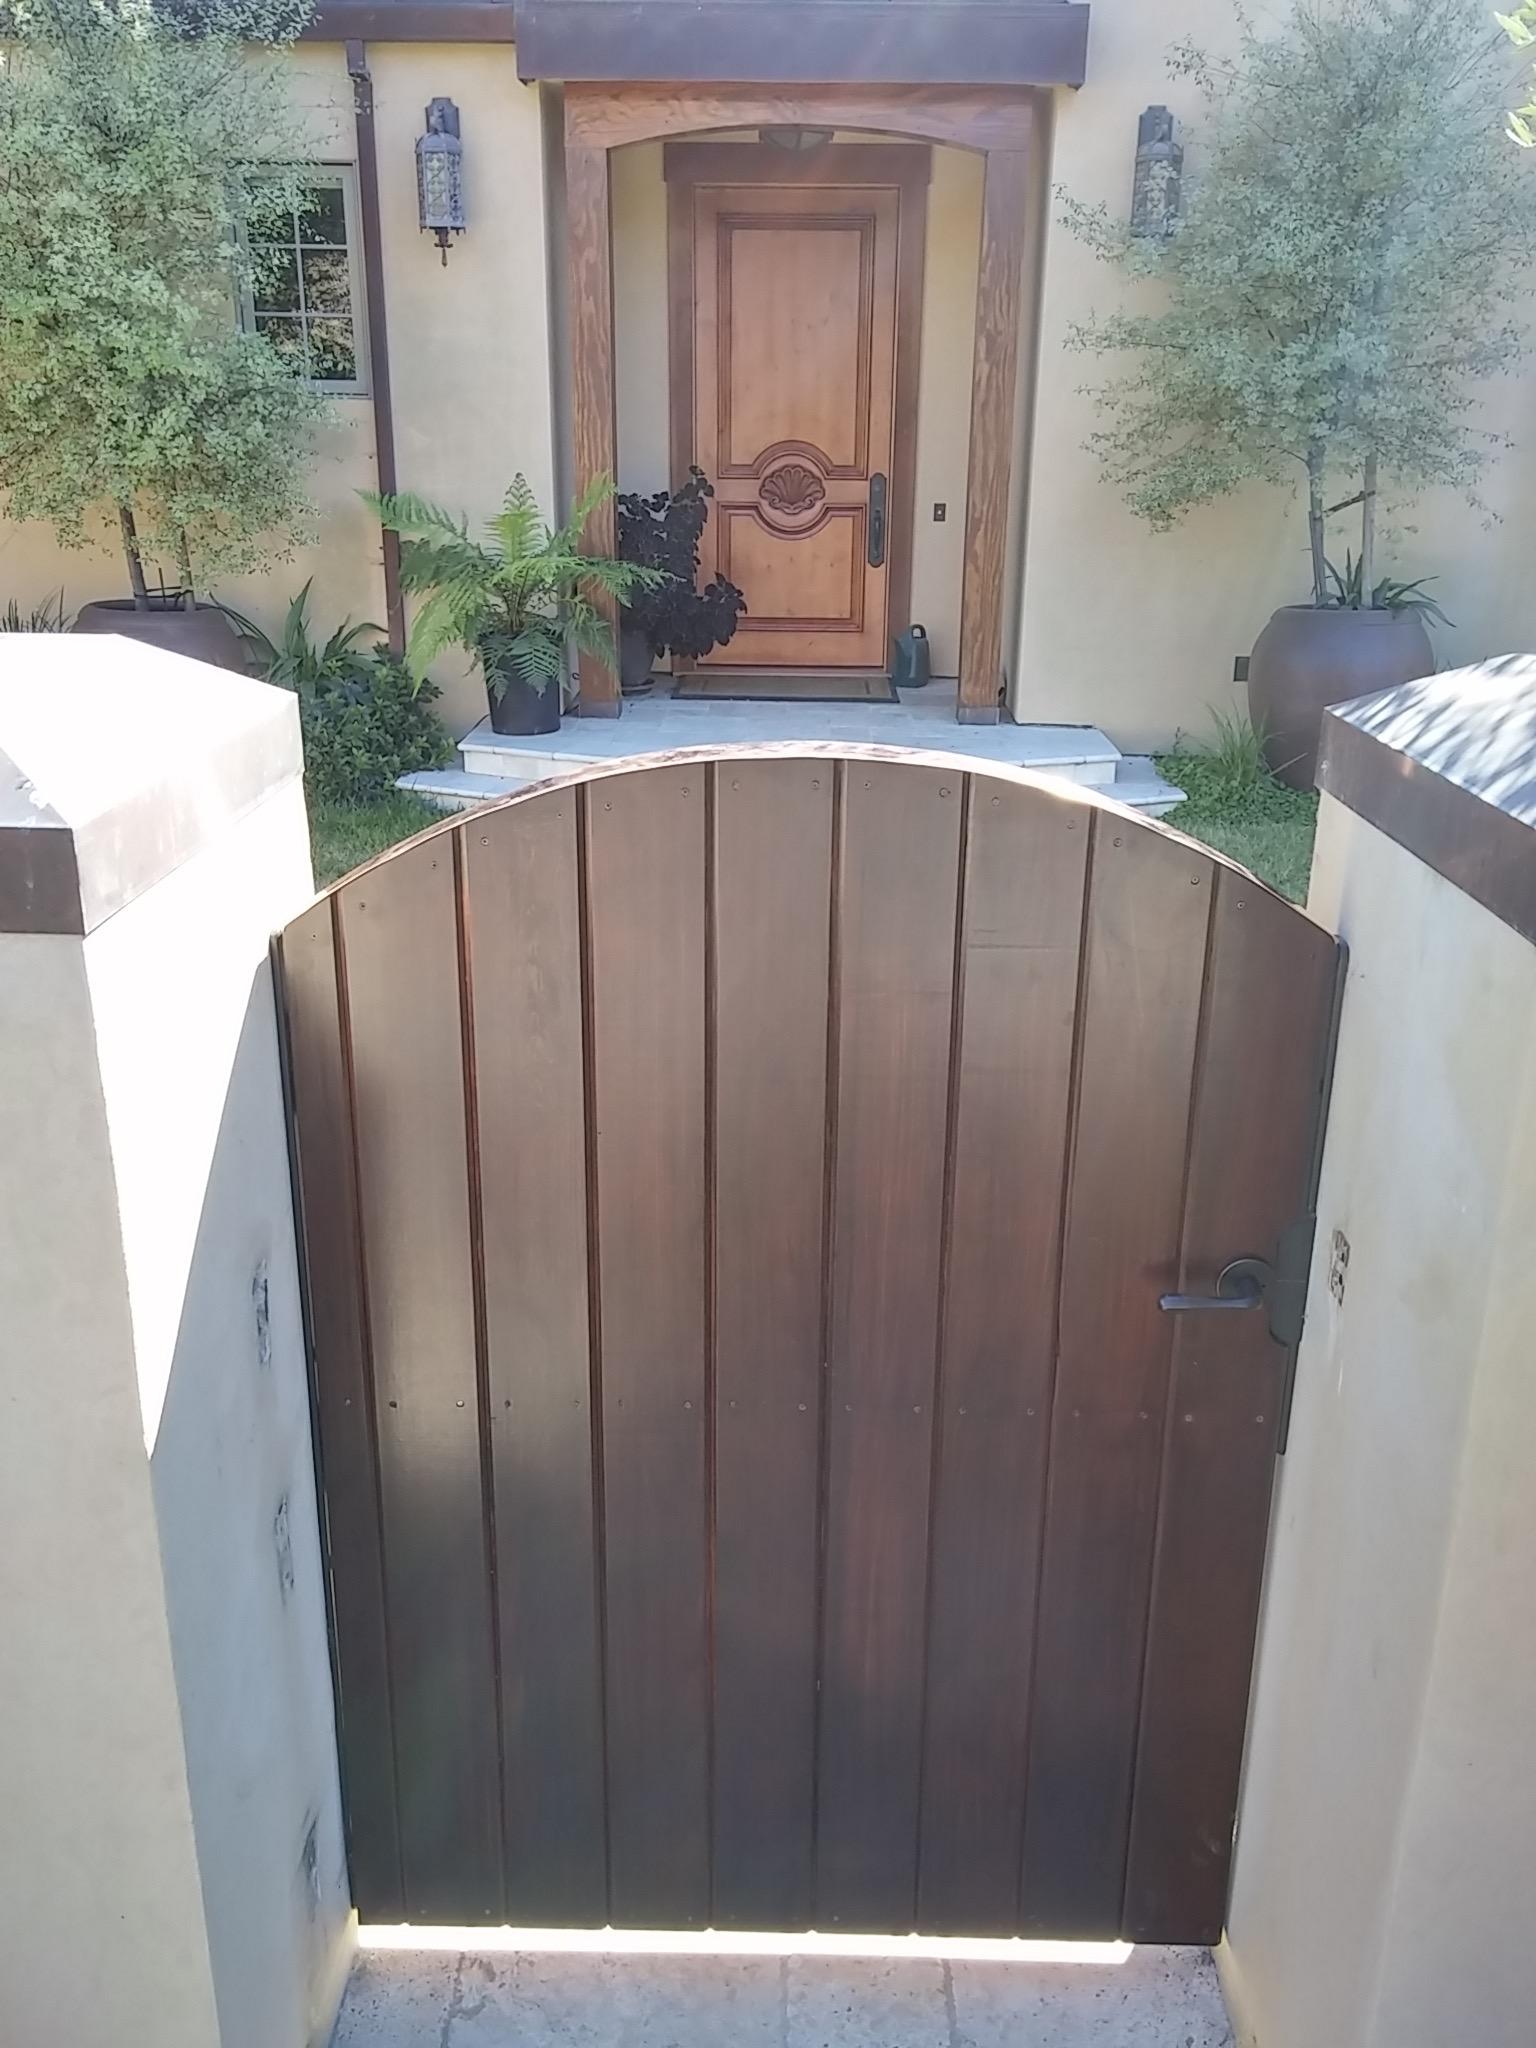 VERT RDWD ENTRY GATE